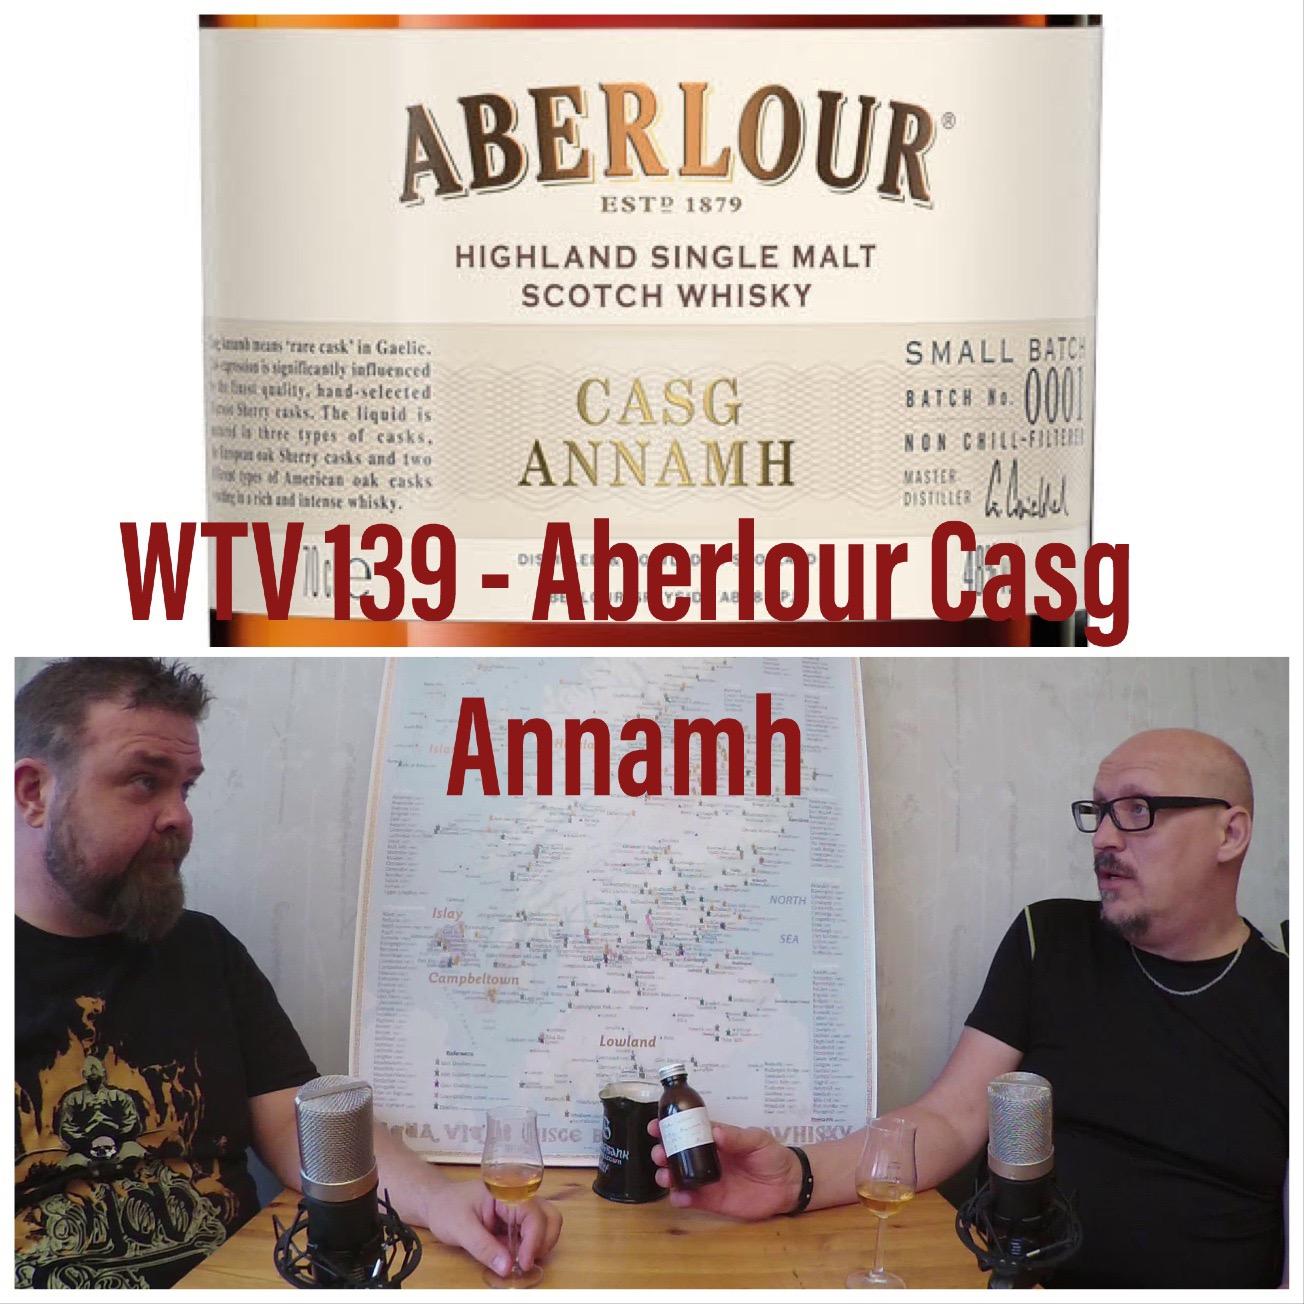 WTV 139 – Aberlour Casg Annamh